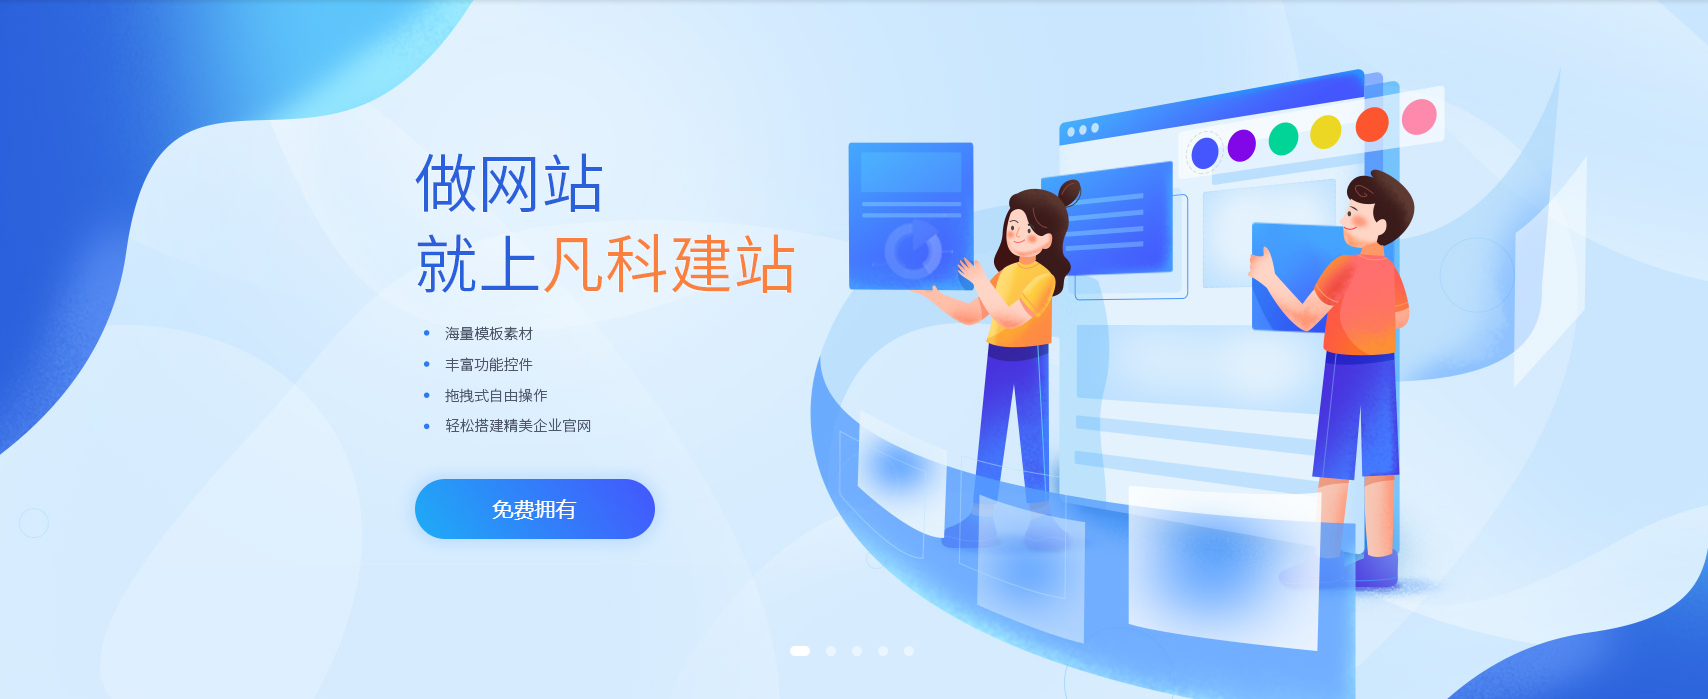 简约风网站